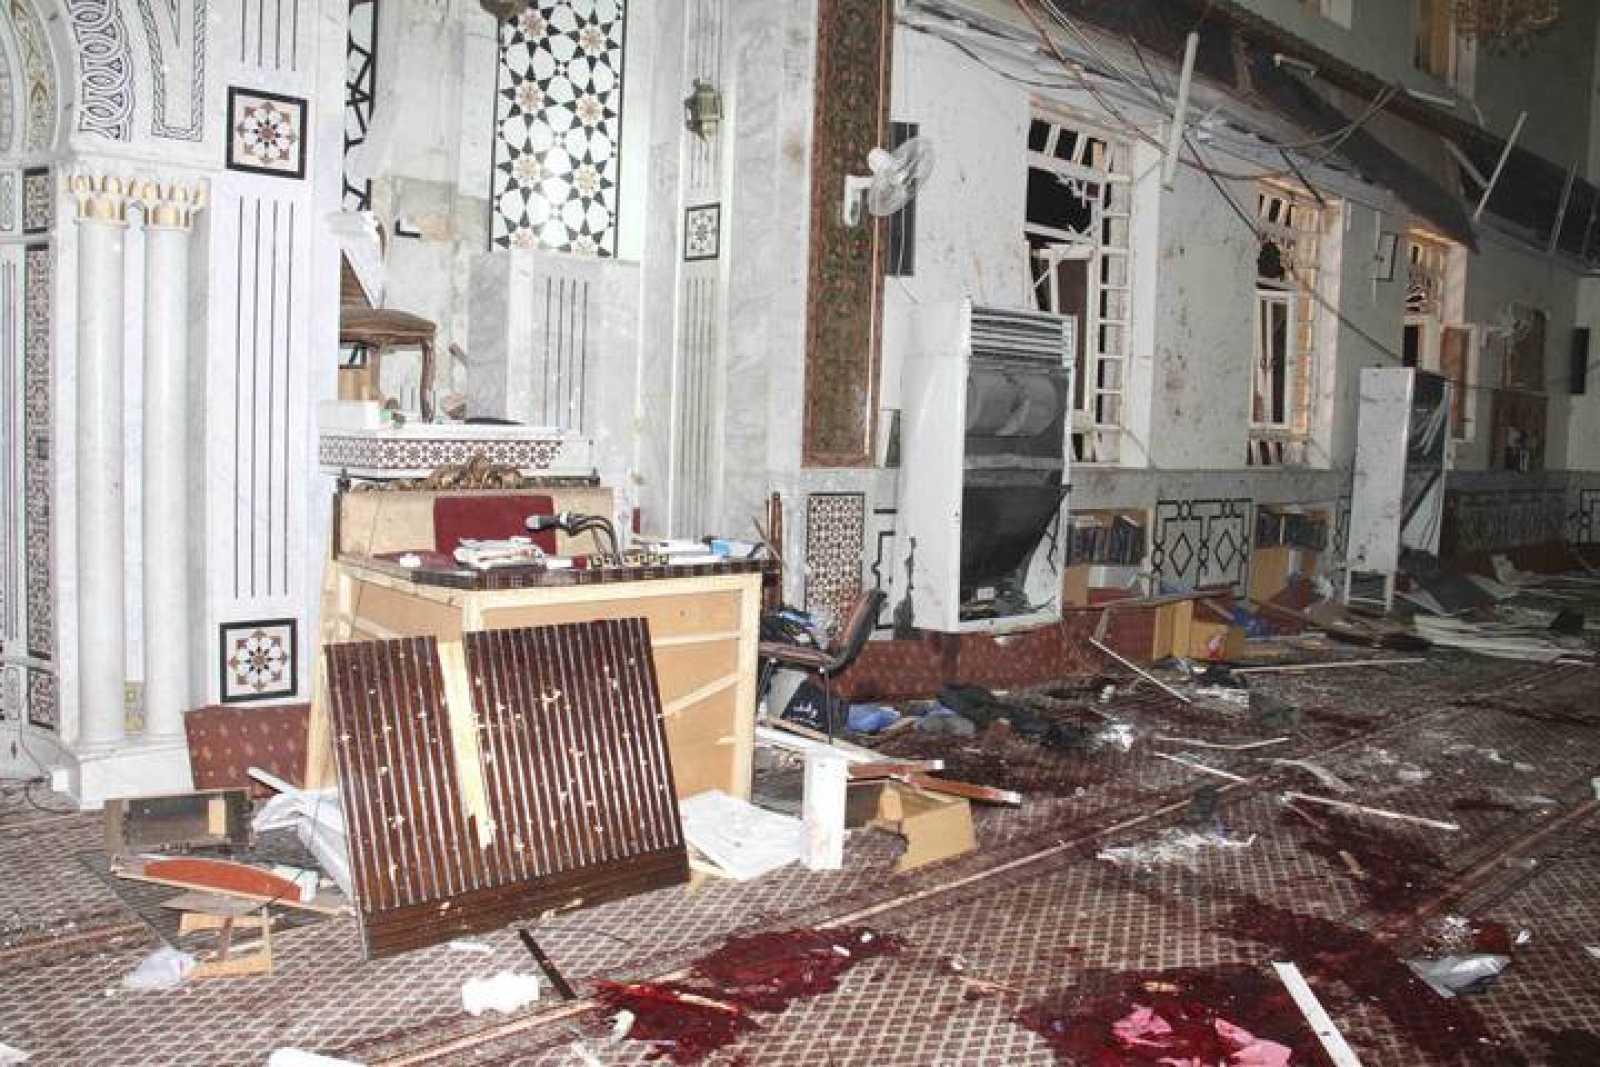 Imagen del interior de la mezquita de Damasco en la que ha explotado una bomba en la tarde del jueves